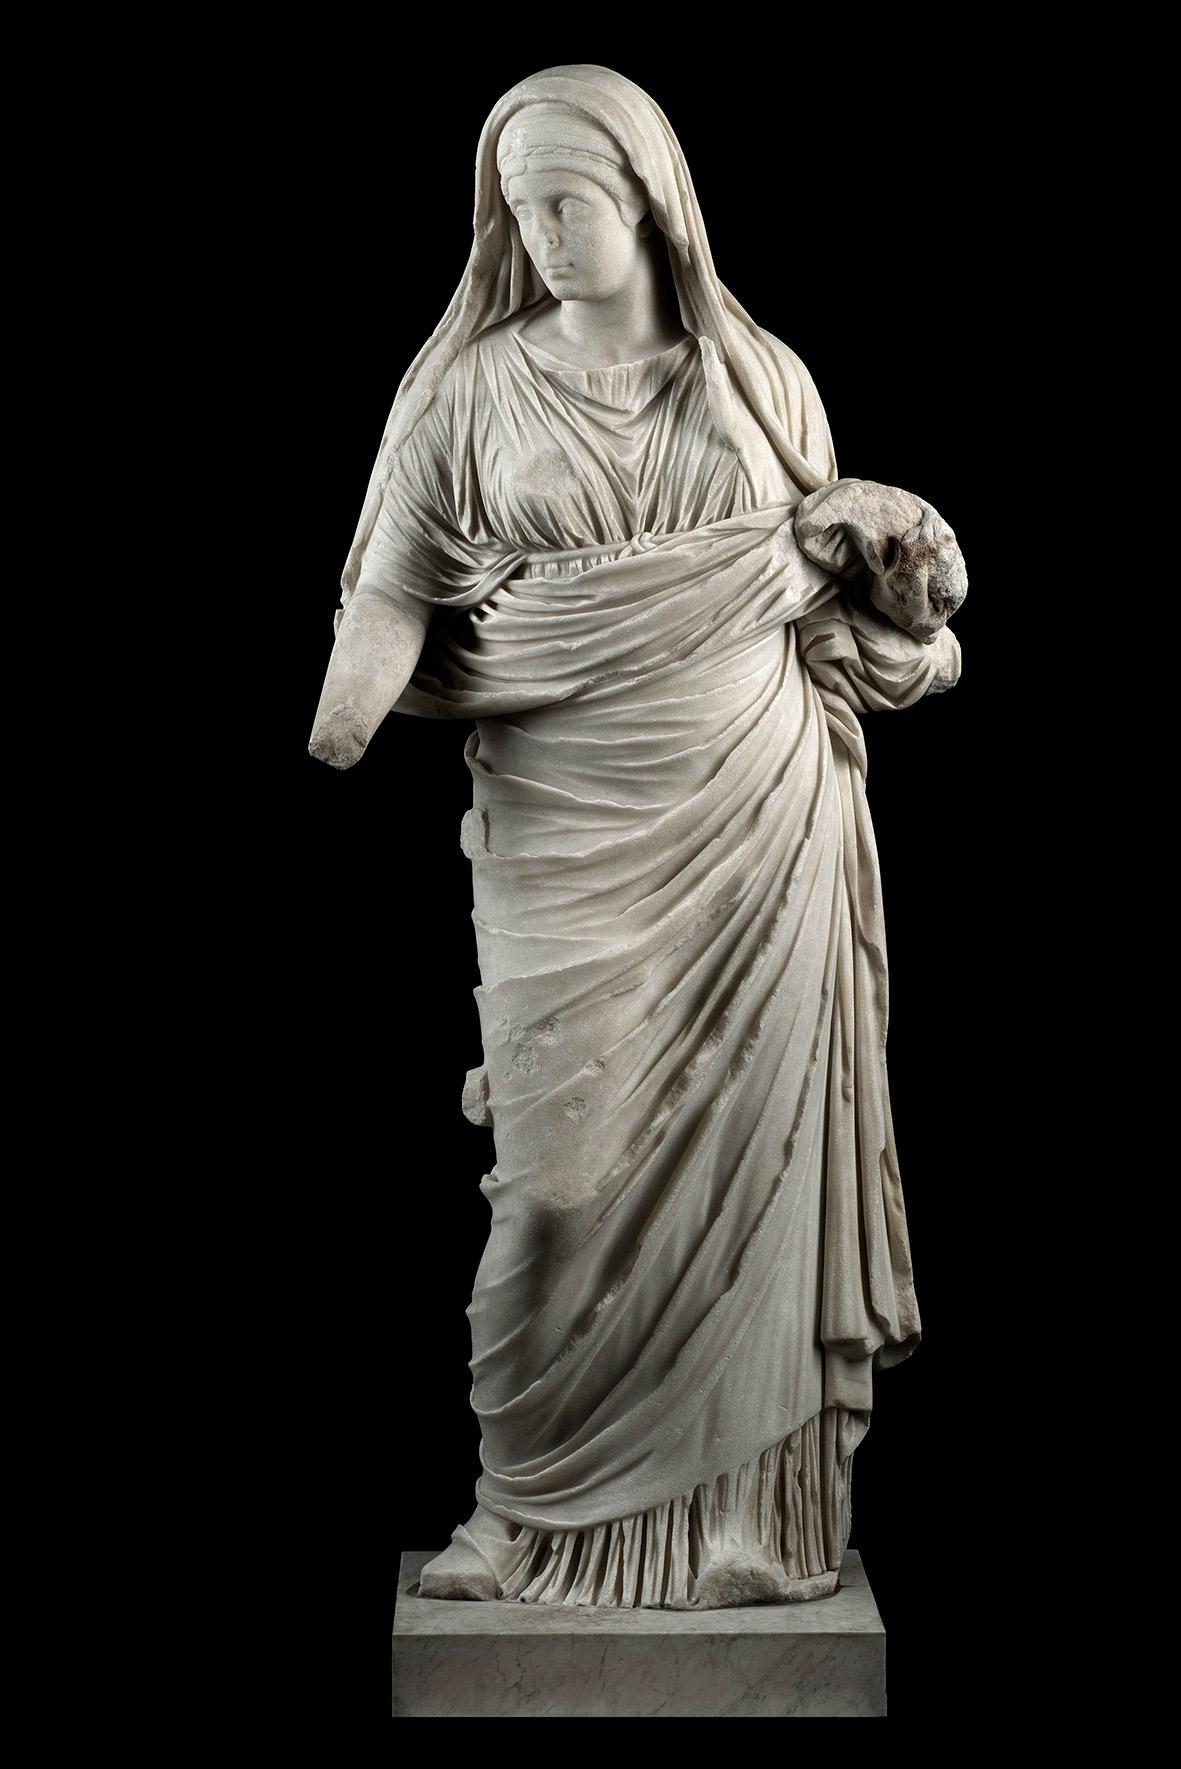 Statua-di-Vestale-marmo-bianco-a-grana-cristallina-medio-fine-probabilmente-pario-©-Luigi-Spina.-web